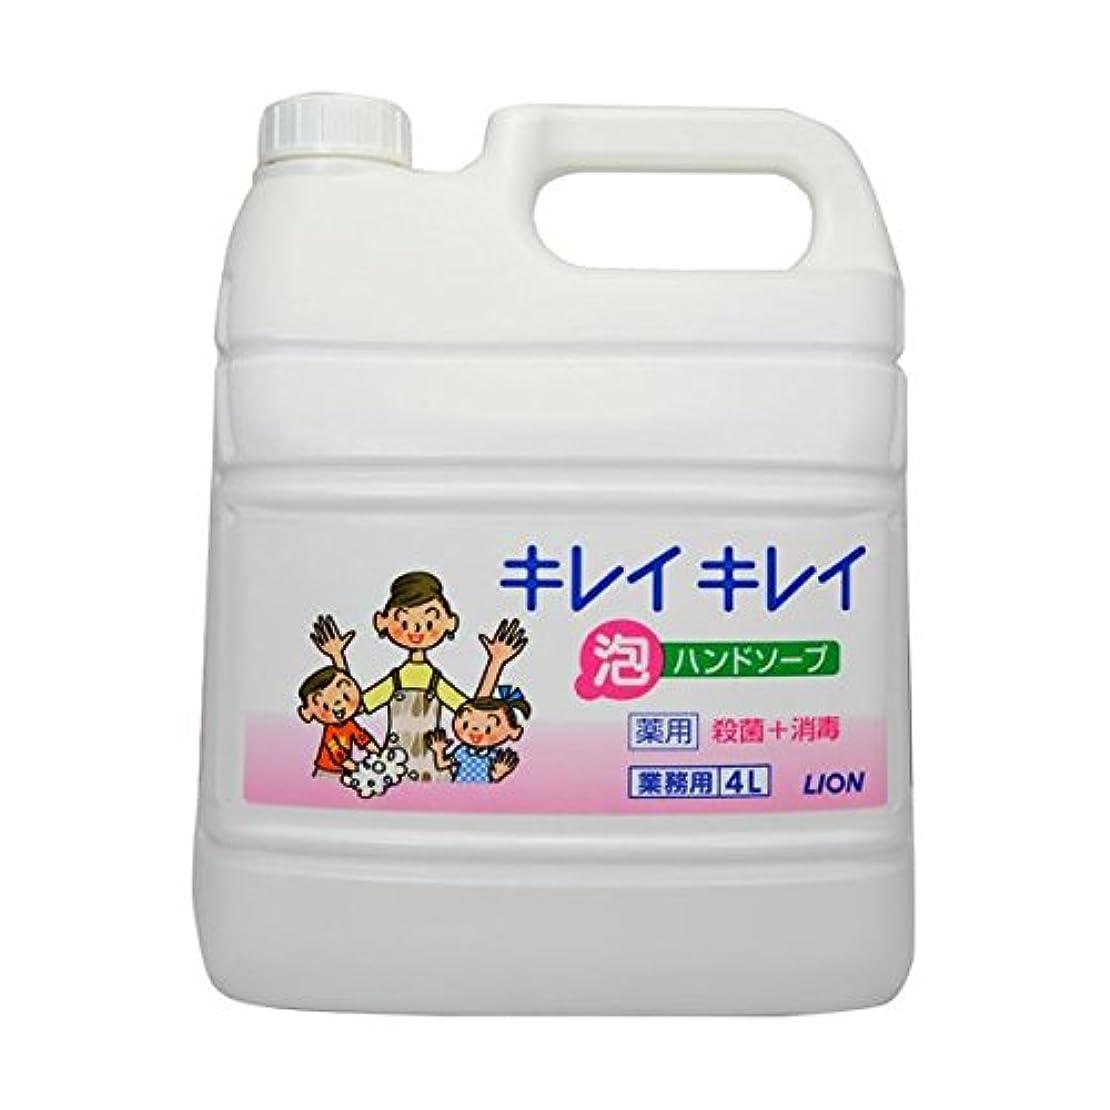 万歳正確に放置キレイキレイ薬用泡ハンドソープ 4Lボトル×2個+専用泡容器700mLセット